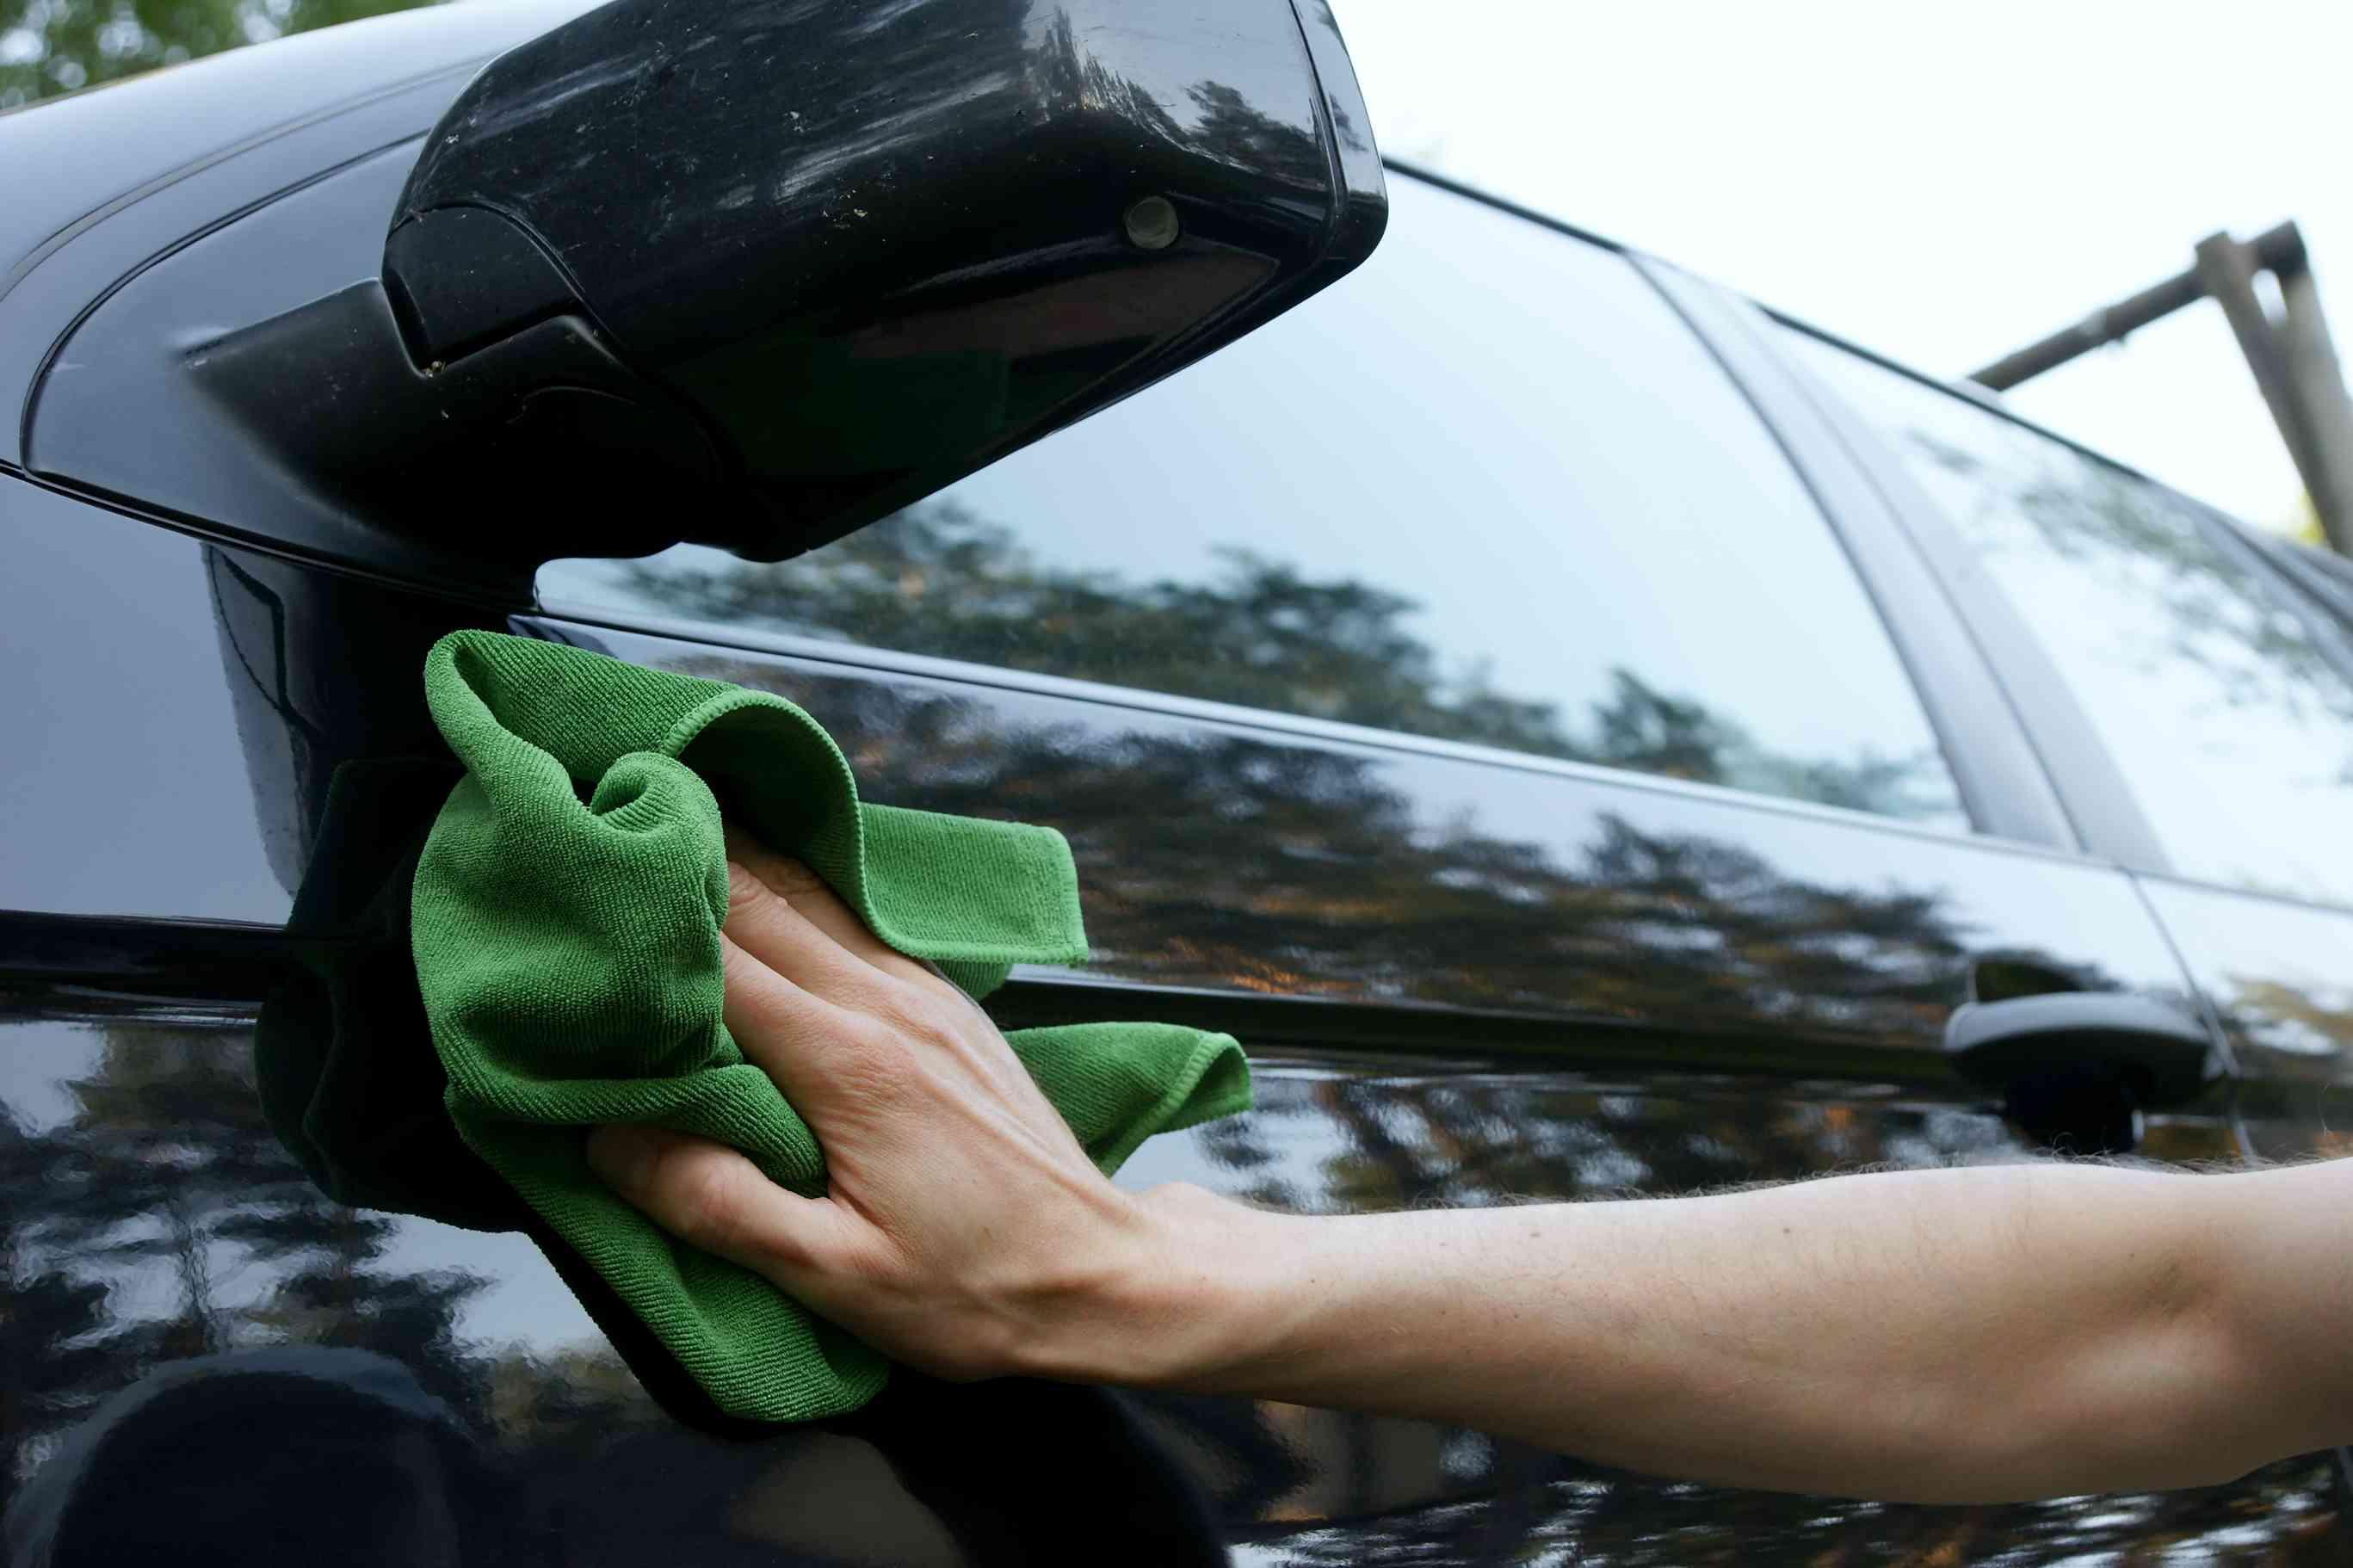 Washing car using a green cloth rag